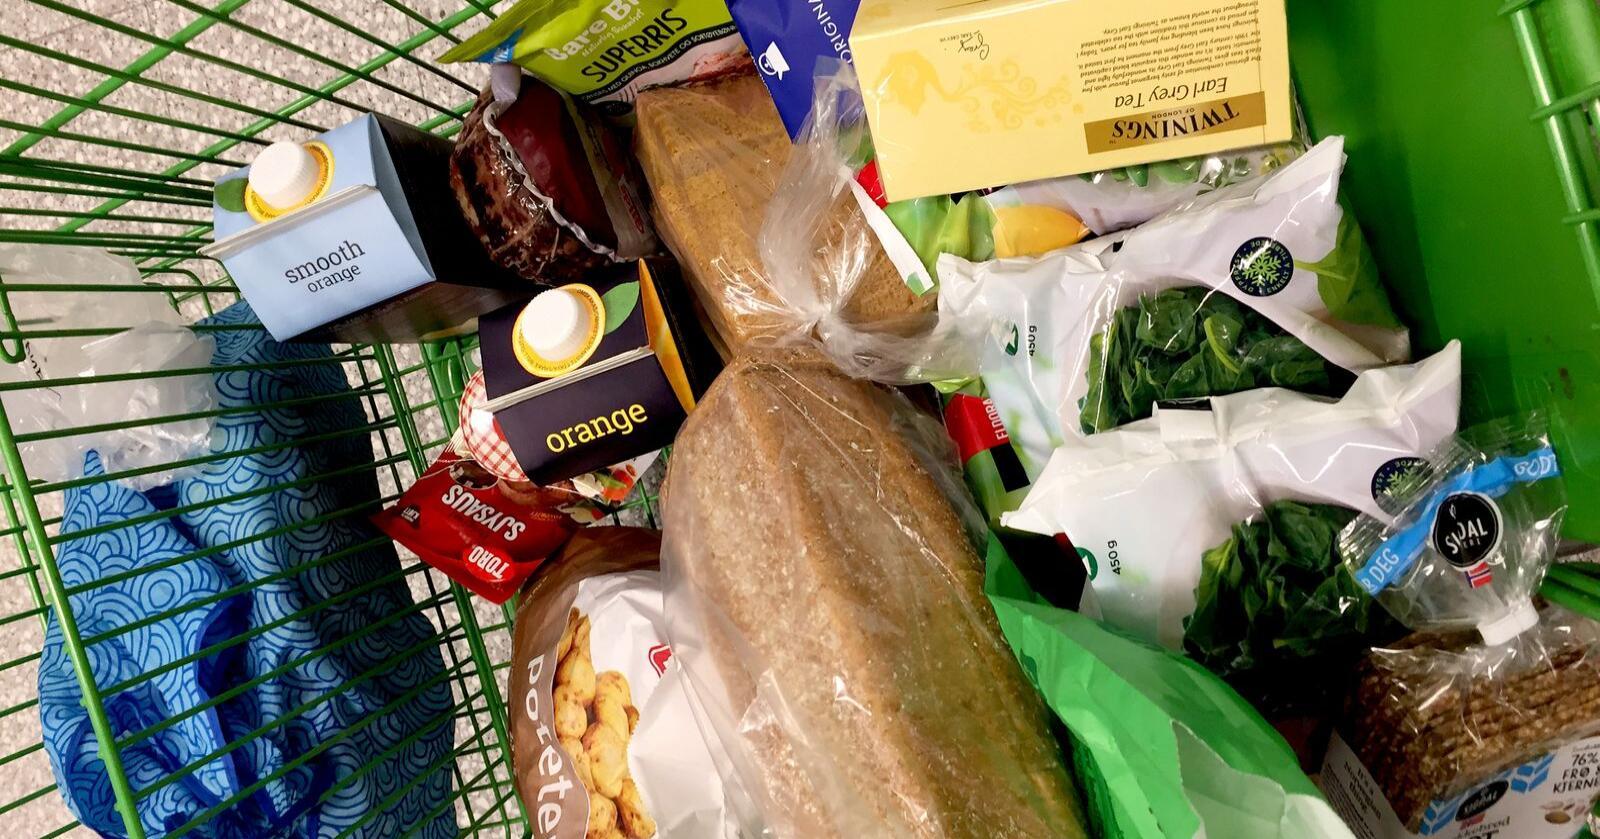 Hver husholdning har i snitt brukt 12.322 kroner mer i norske dagligvarebutikker i 2020. Særlig Norgesgruppen styrker sin dominerende posisjon. Foto: Mariann Tvete